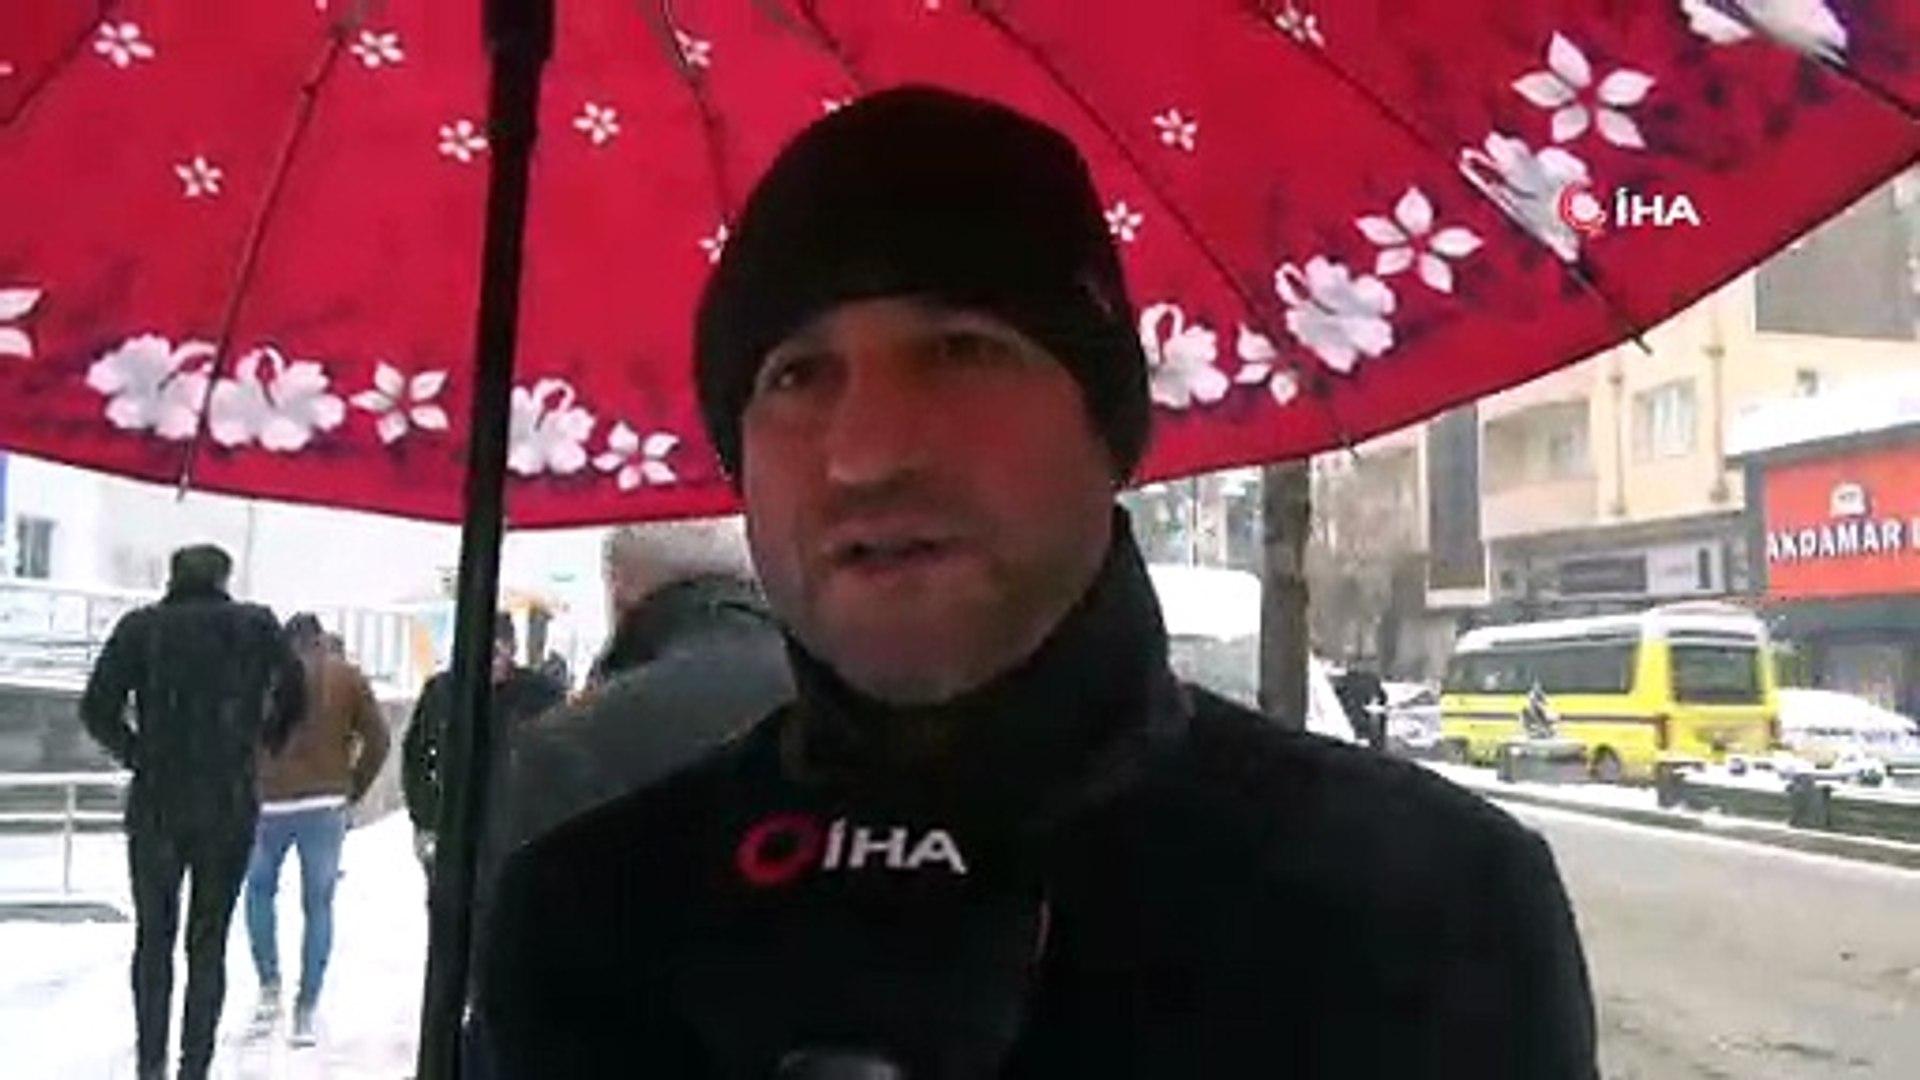 Van'da kar yağışı...Uçak seferleri iptal edilirken, Bahçesaray'da da okullar tatil edildi